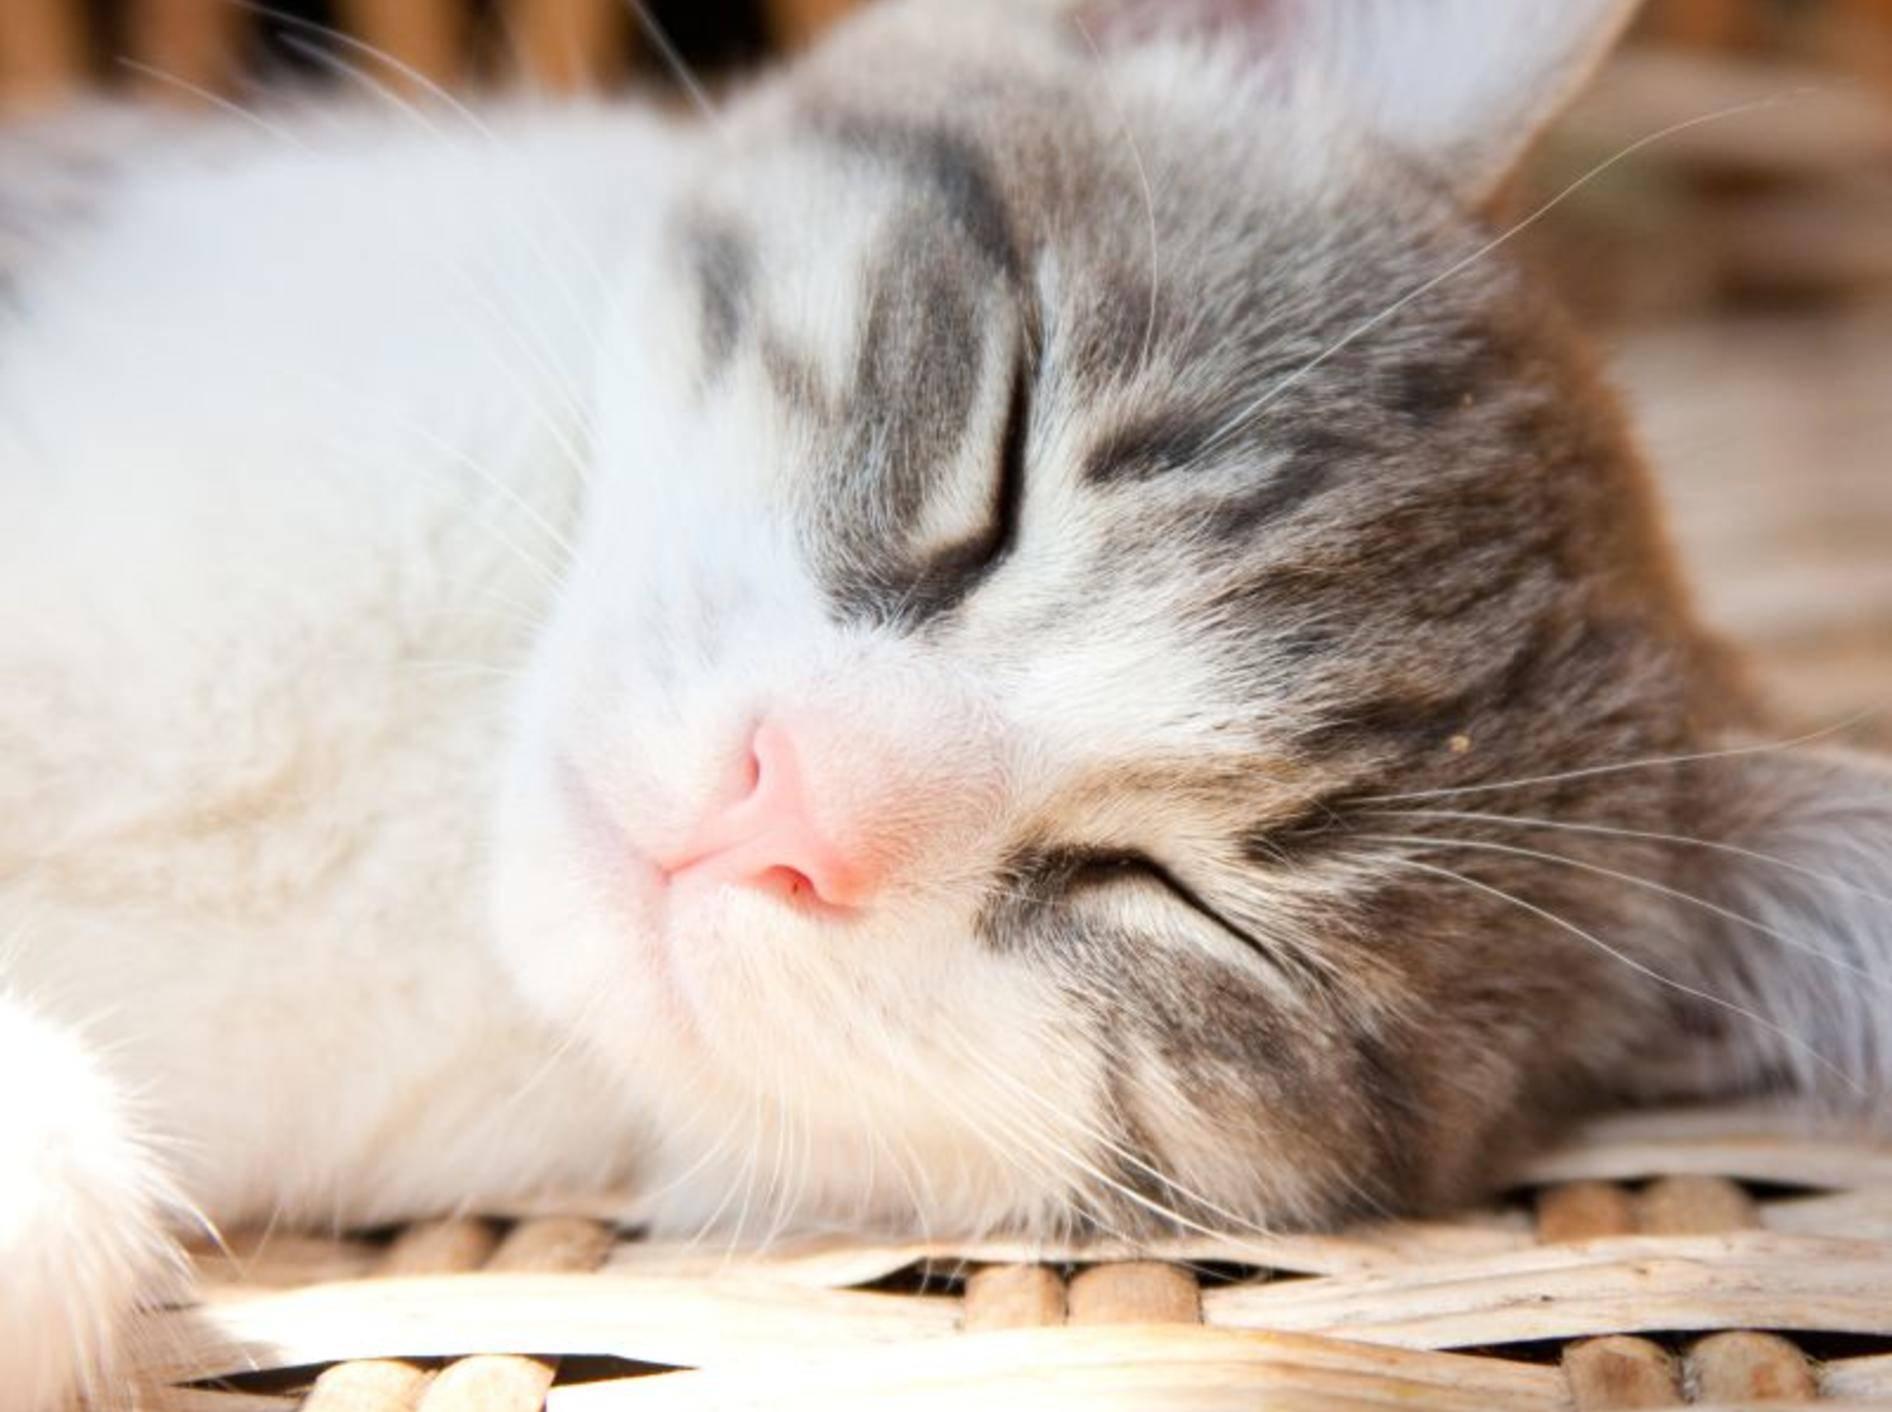 Erkältete Katzen wirken müde und abgeschlagen – Bild: Shutterstock / TalyaPhoto